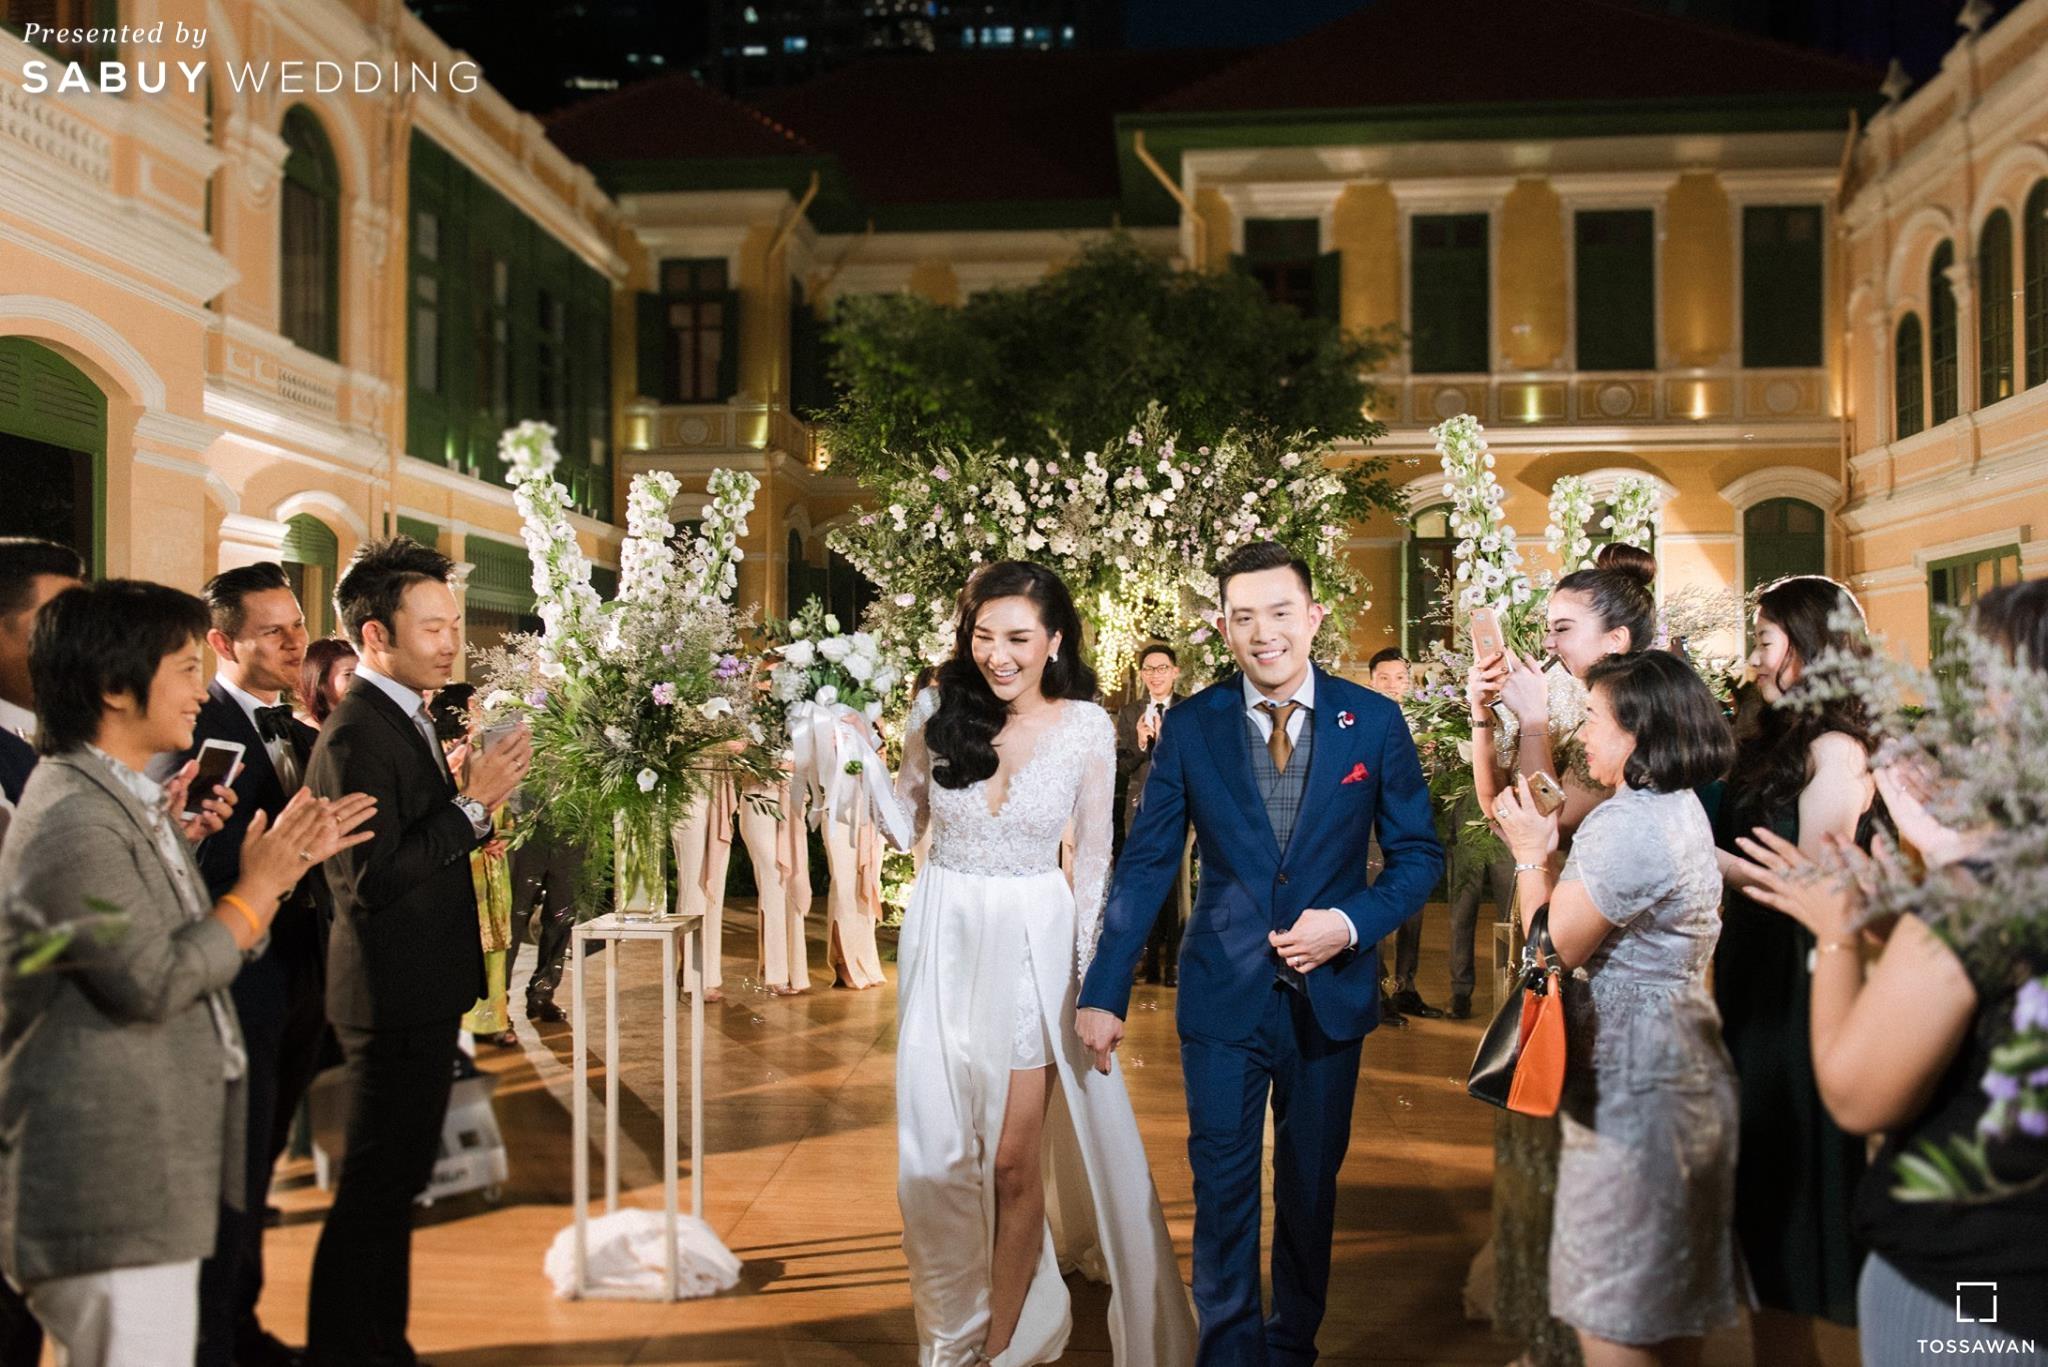 7 สถานที่แต่งงานบรรยากาศไม่เหมือนโรงแรม!